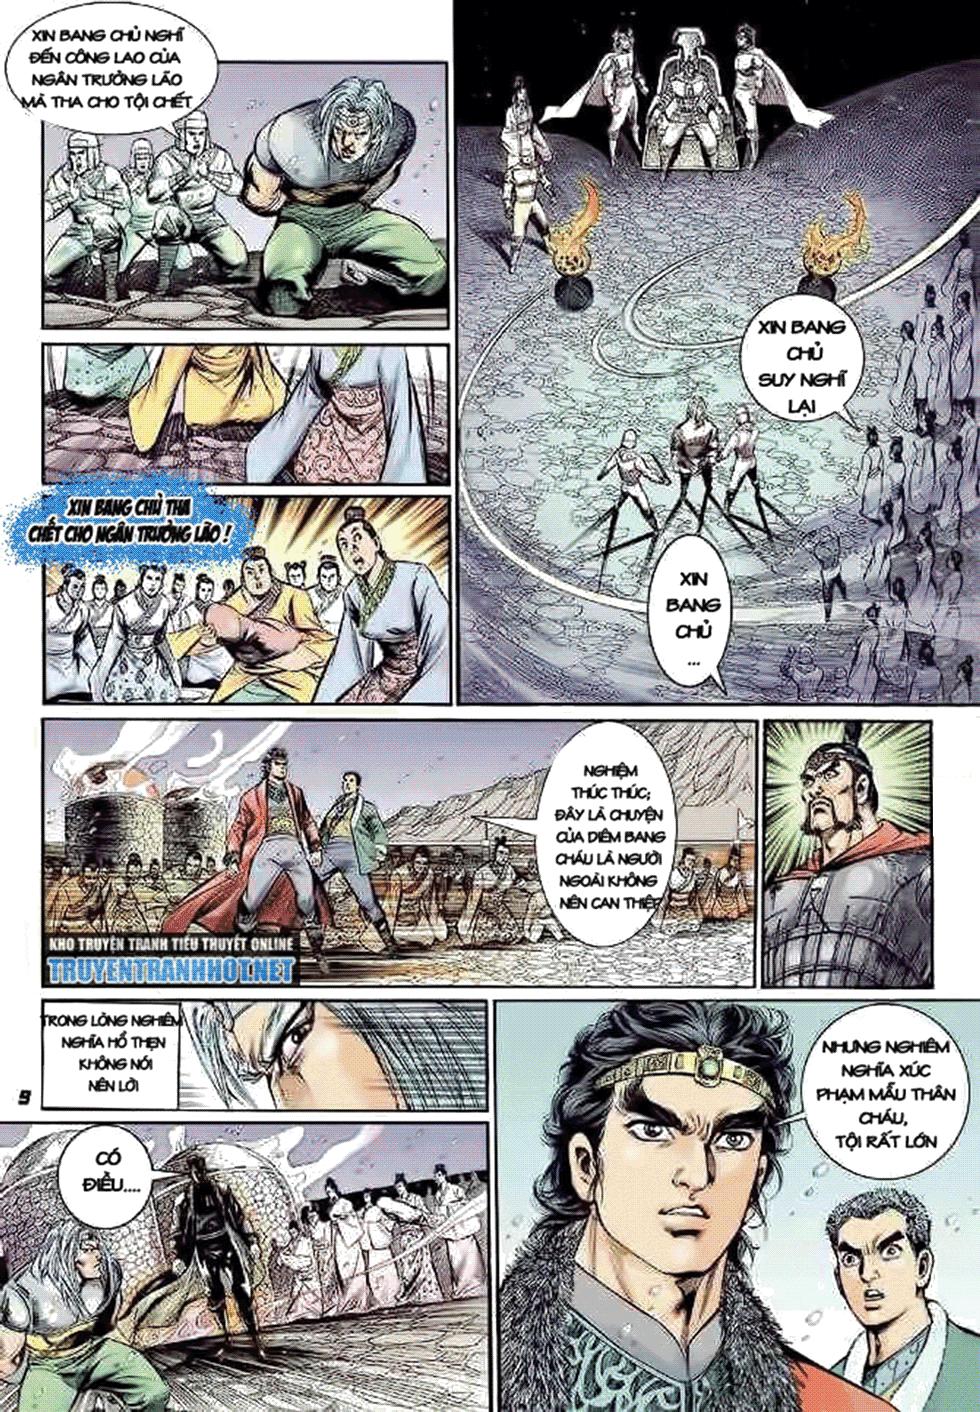 Tần Vương Doanh Chính chapter 8 trang 10